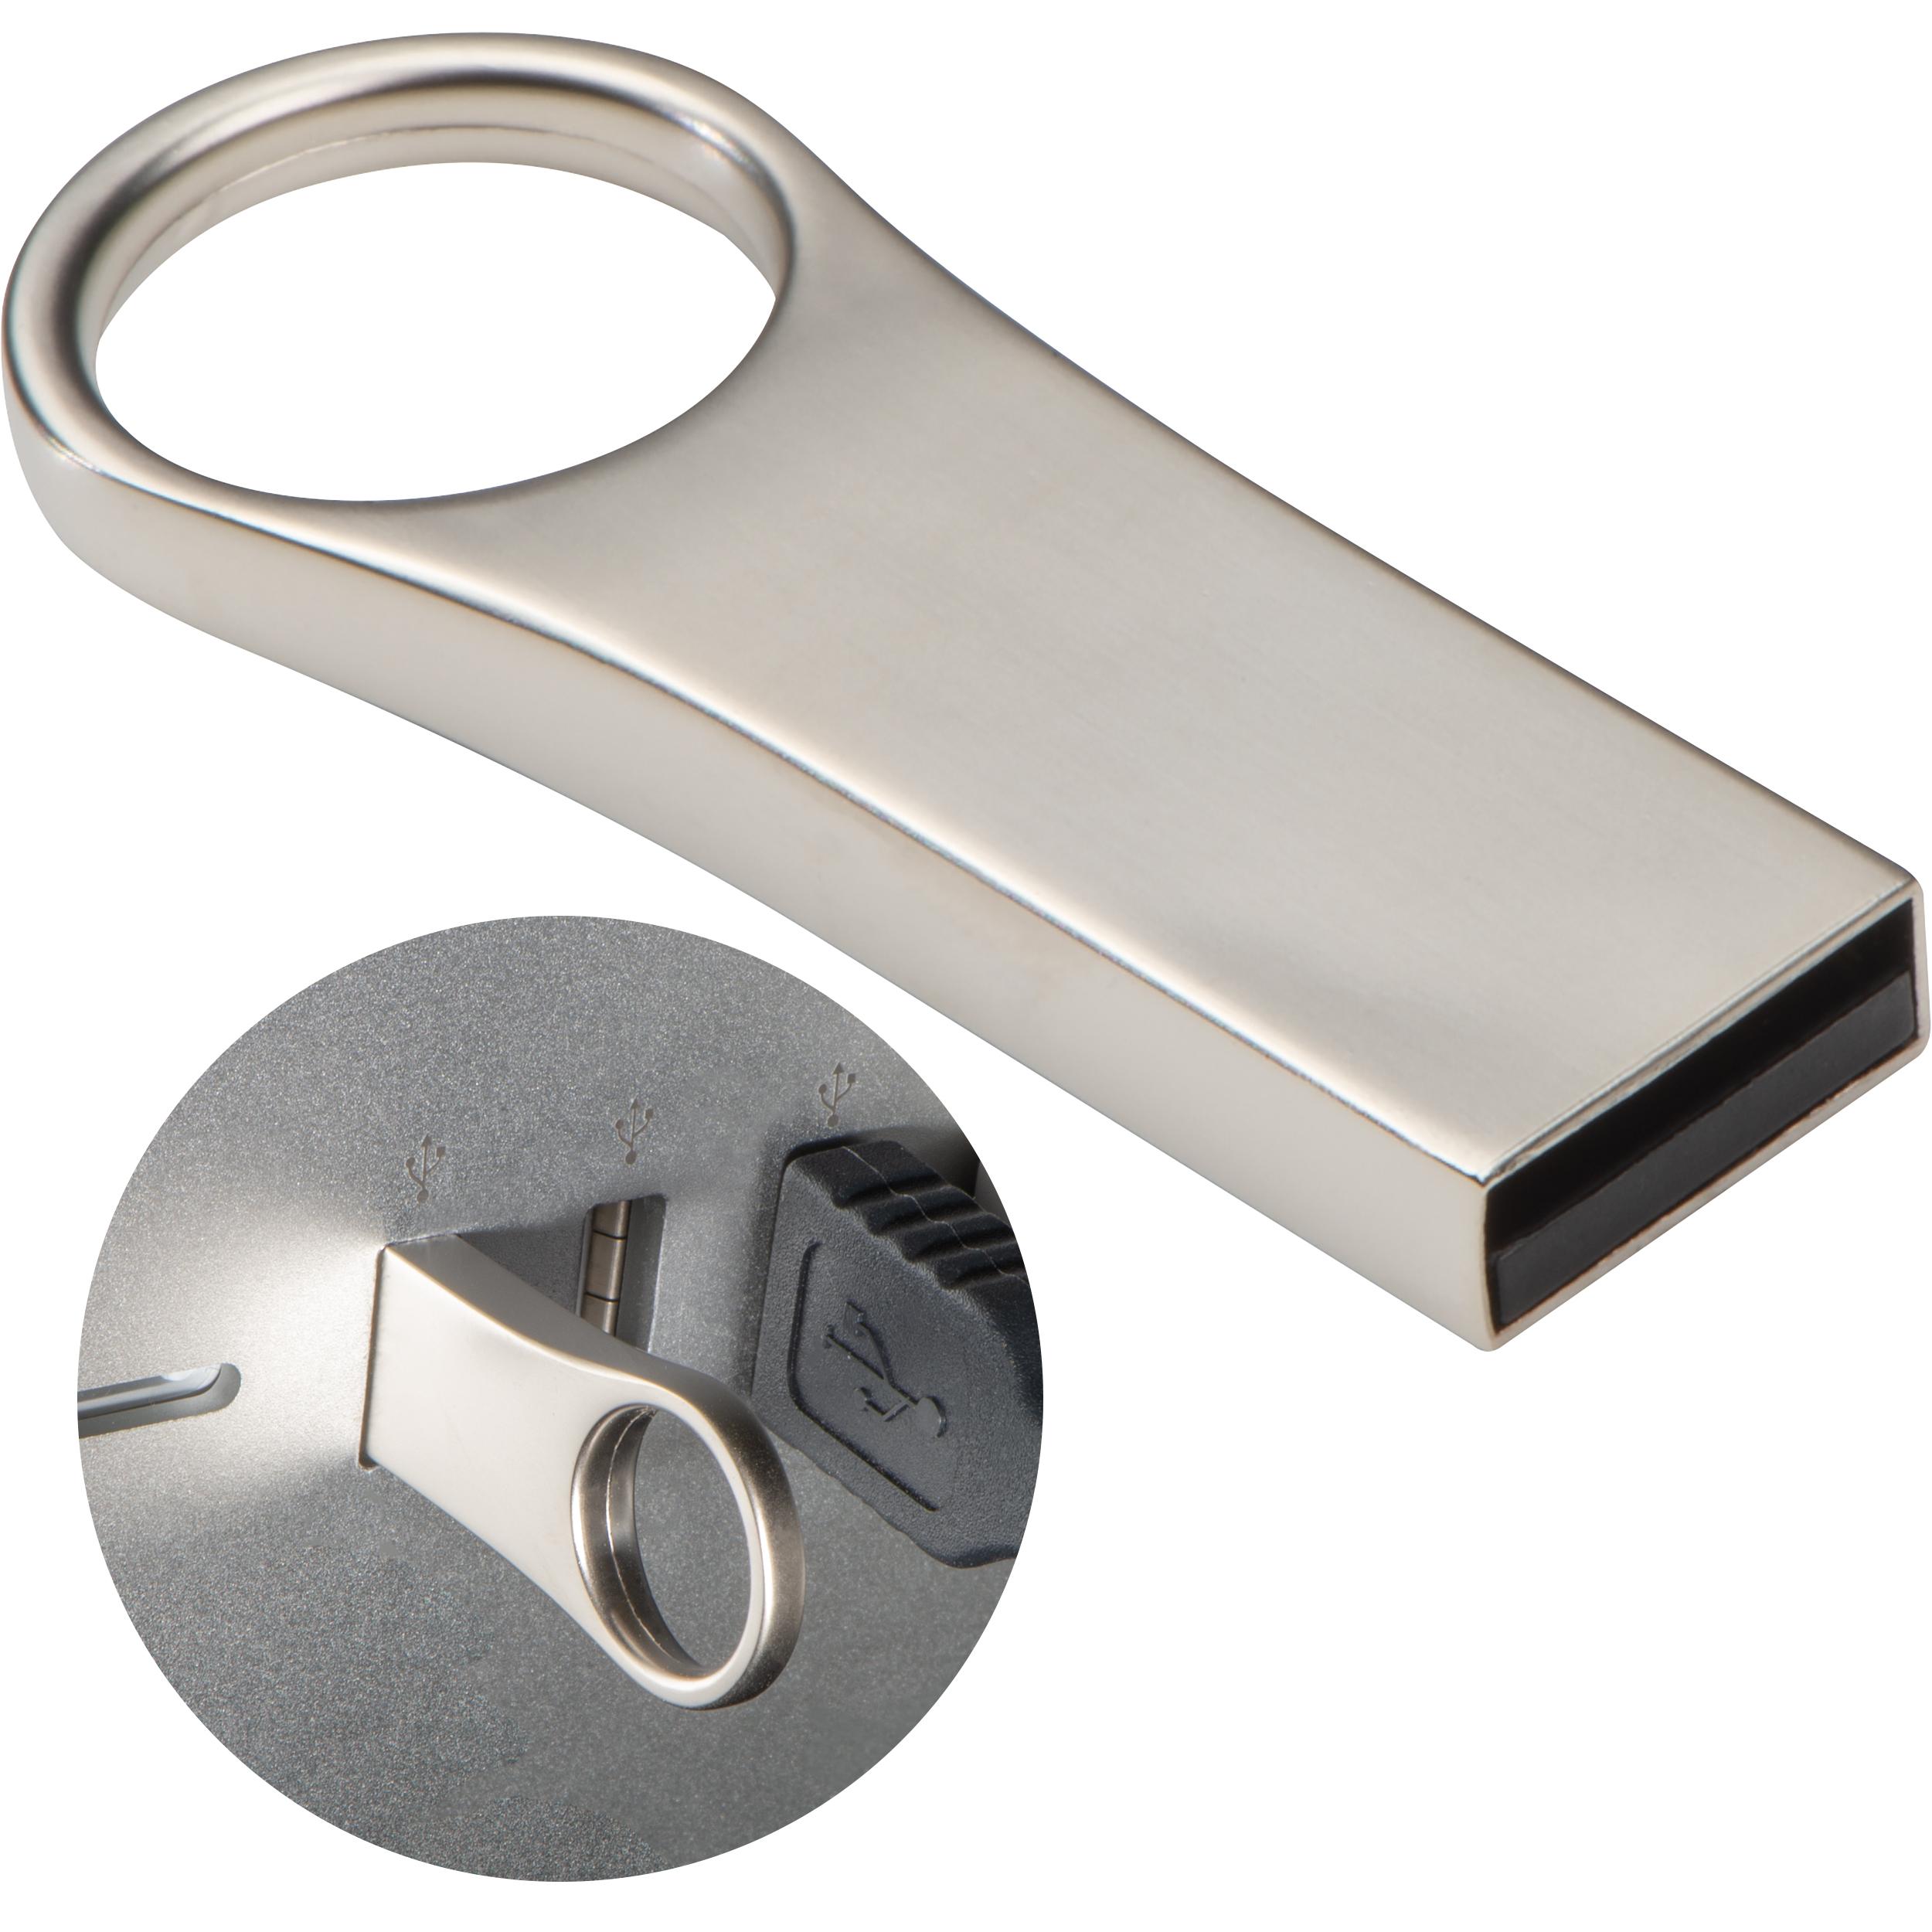 Metal USB Stick 8GB